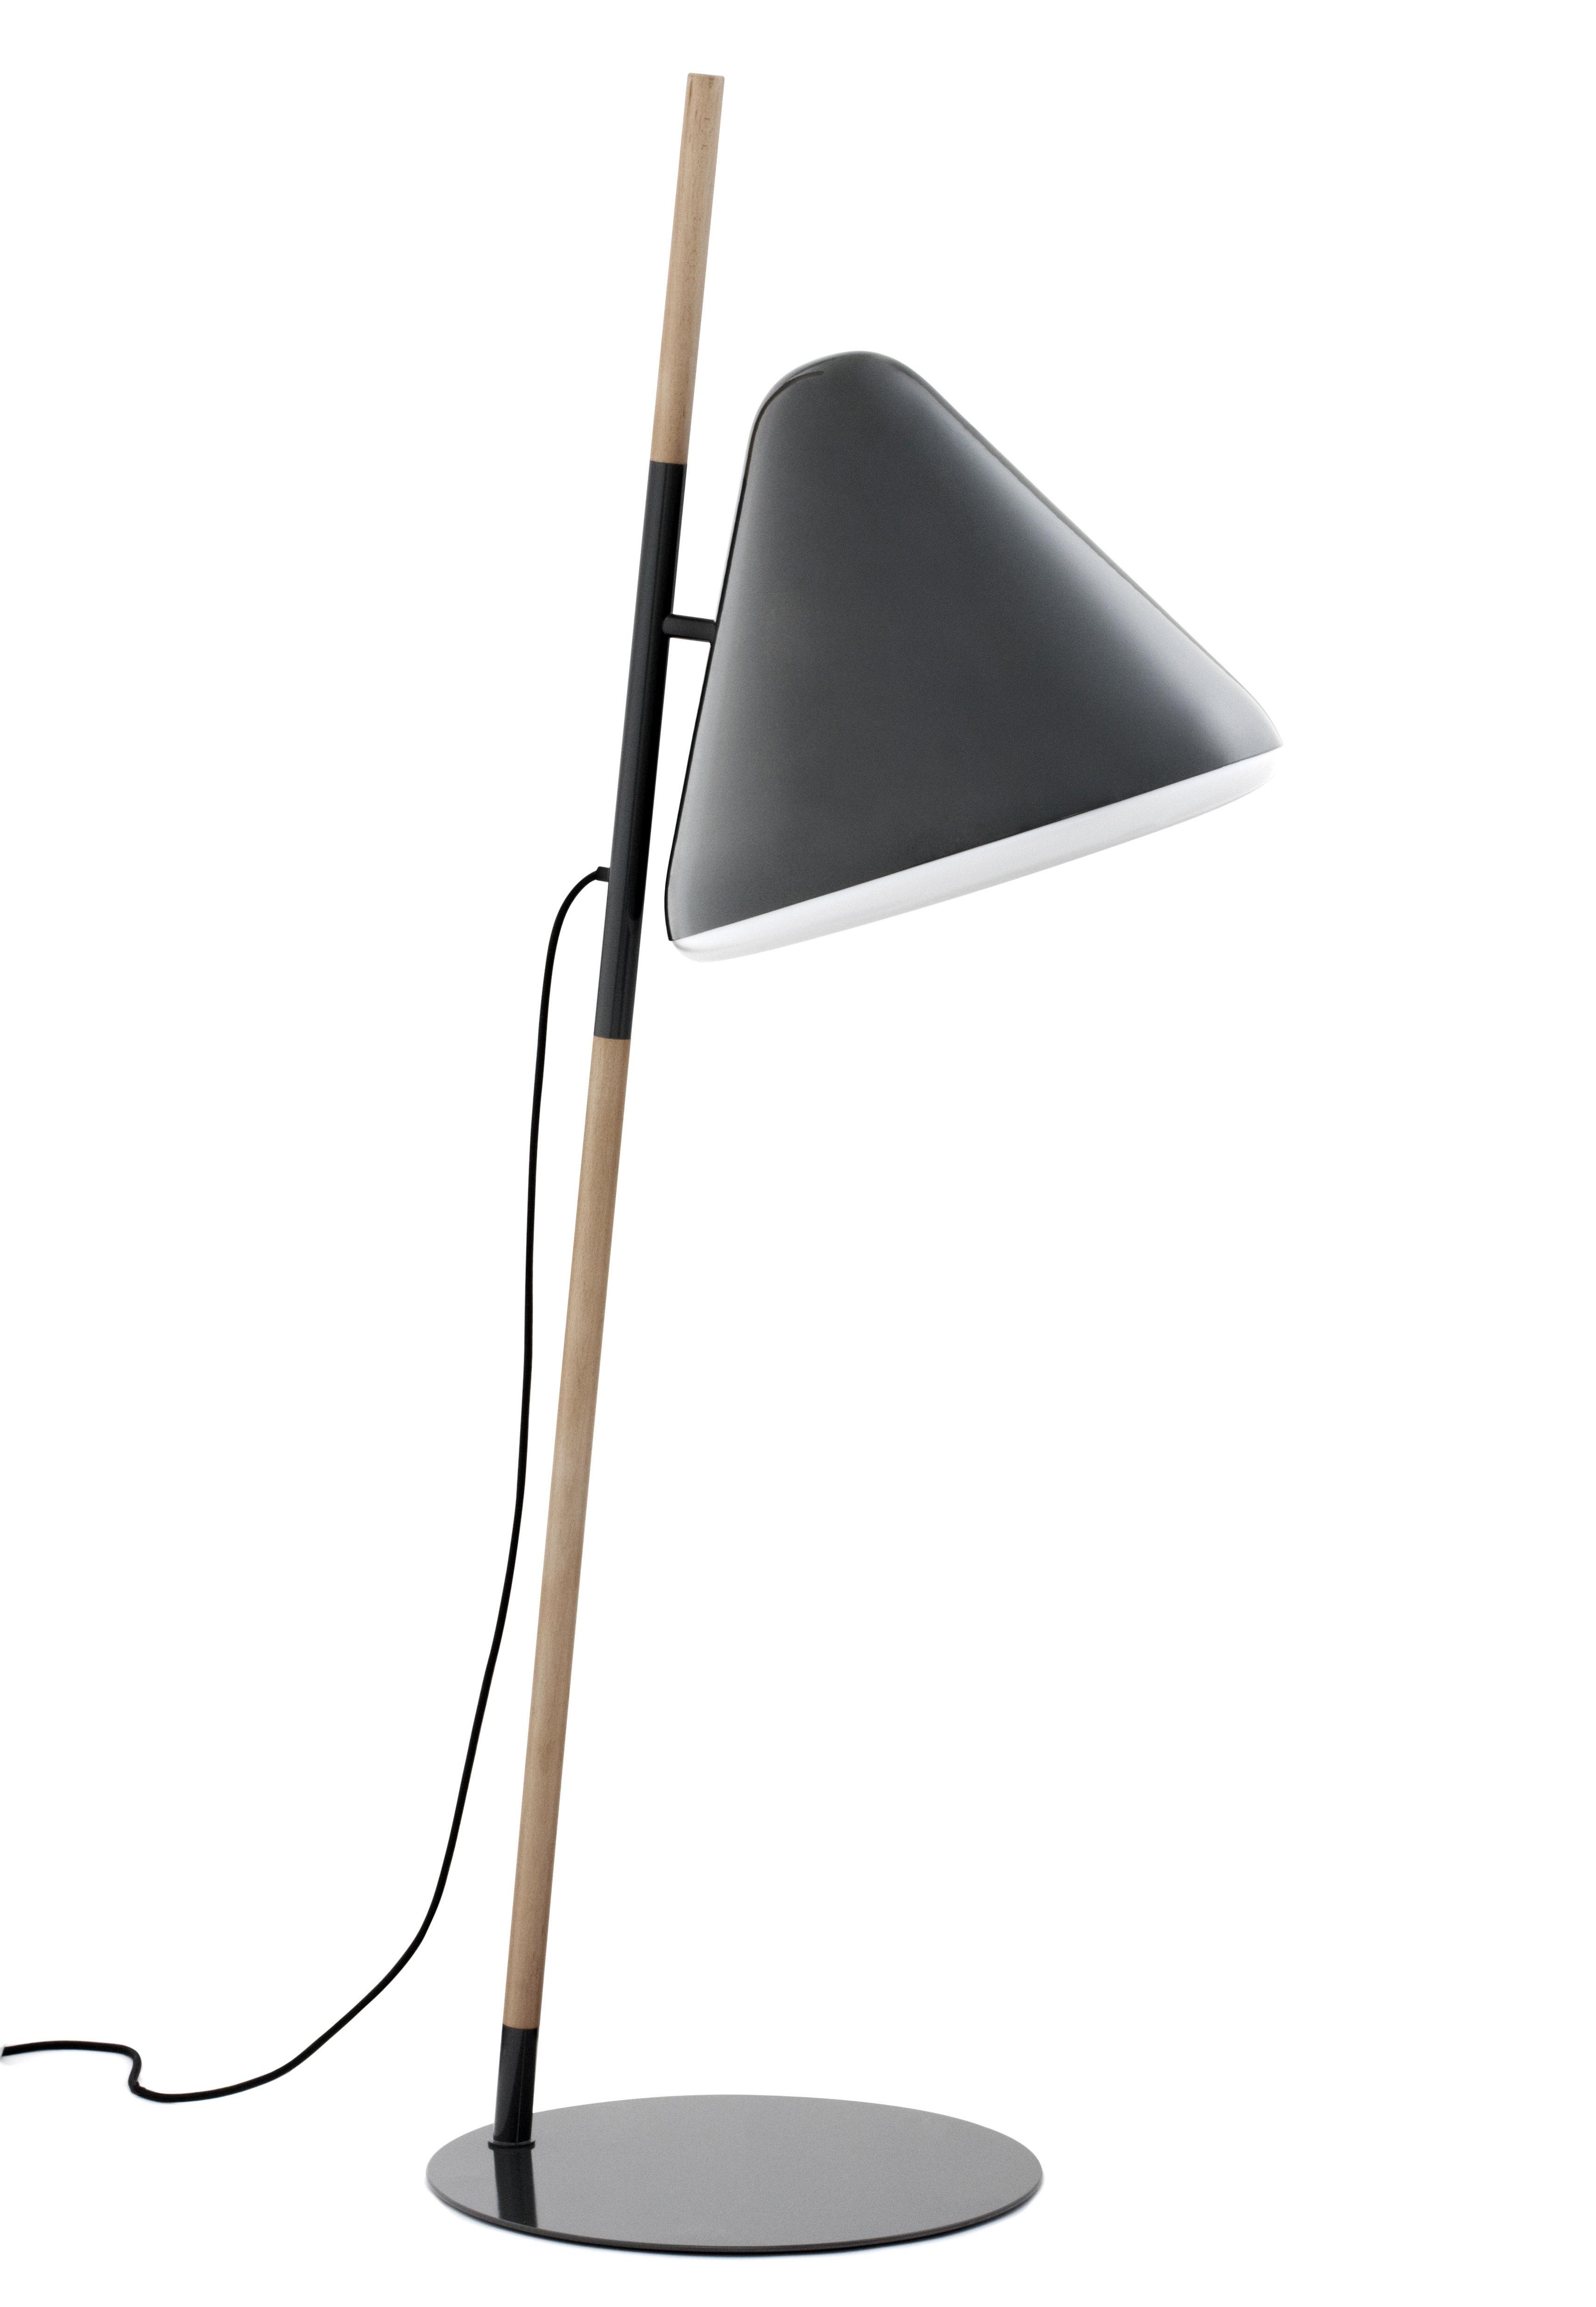 Luminaire - Lampadaires - Lampadaire Hello - Normann Copenhagen - Gris - Acier, Hêtre, Plexiglas